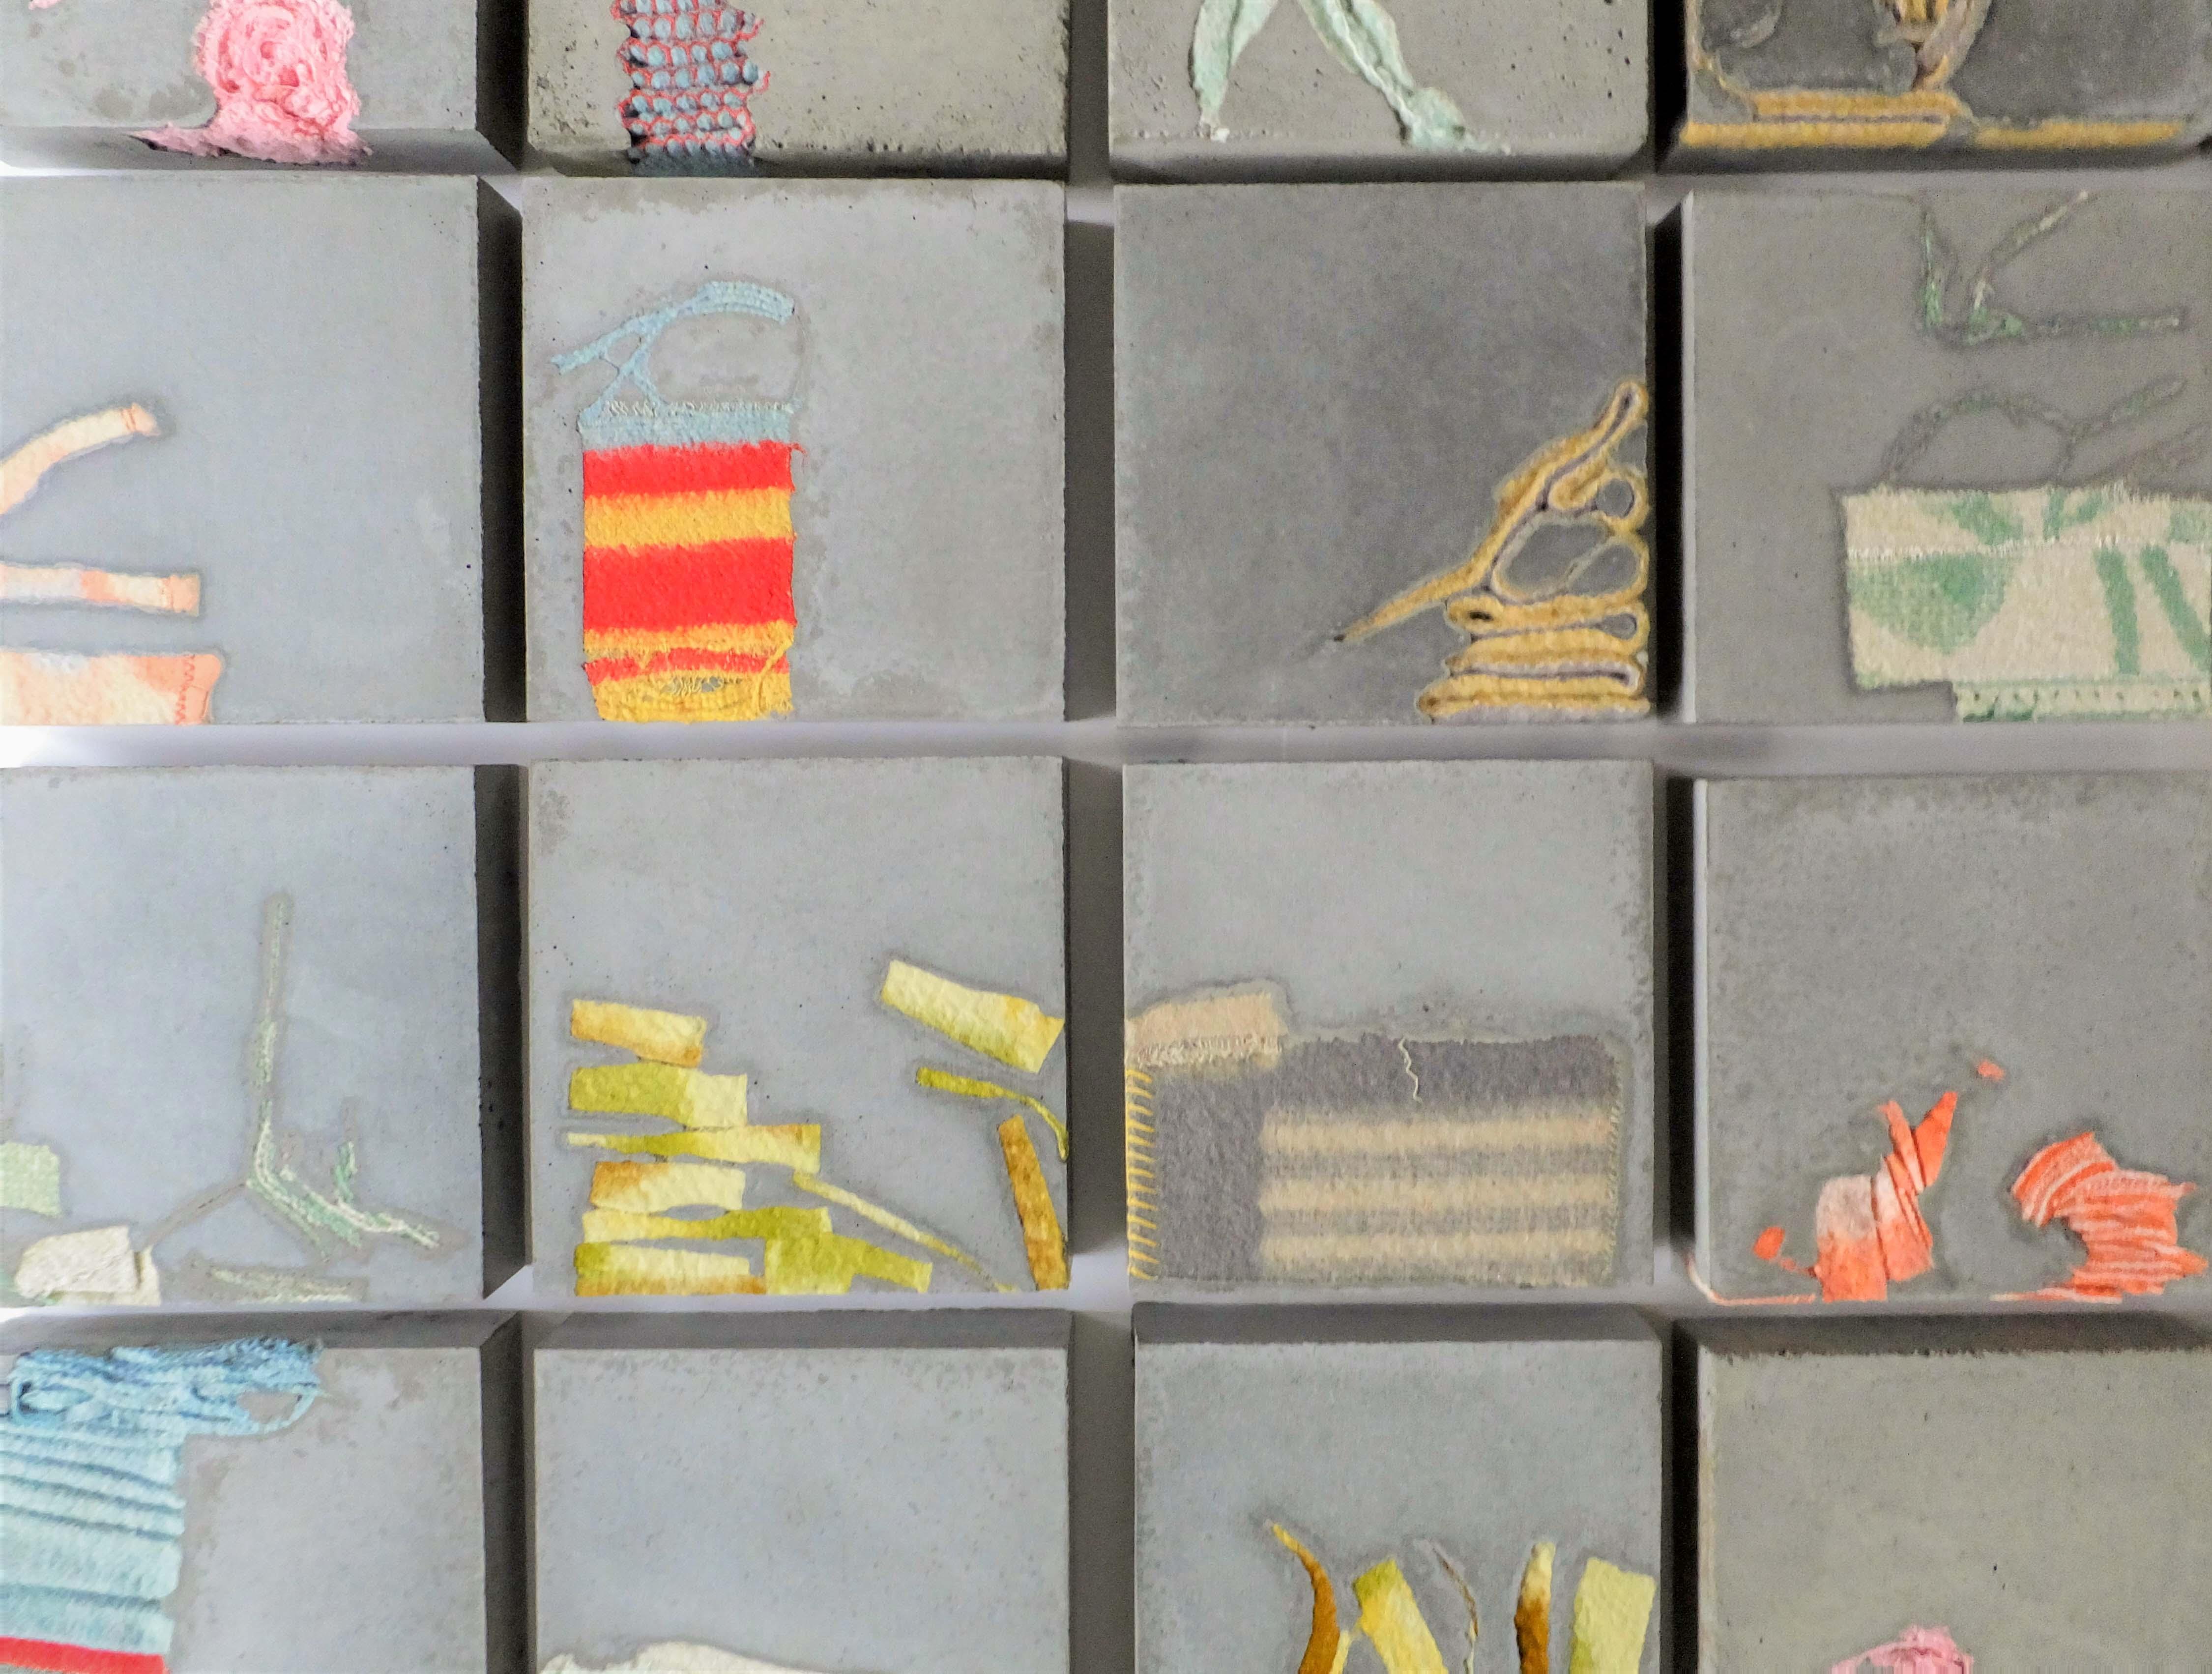 Installatie van vierkante karakters van cement met gekleurde dekens erin verweven. Textielkunst door Jeanne de Bie, genaamd Stil leven (Still life).